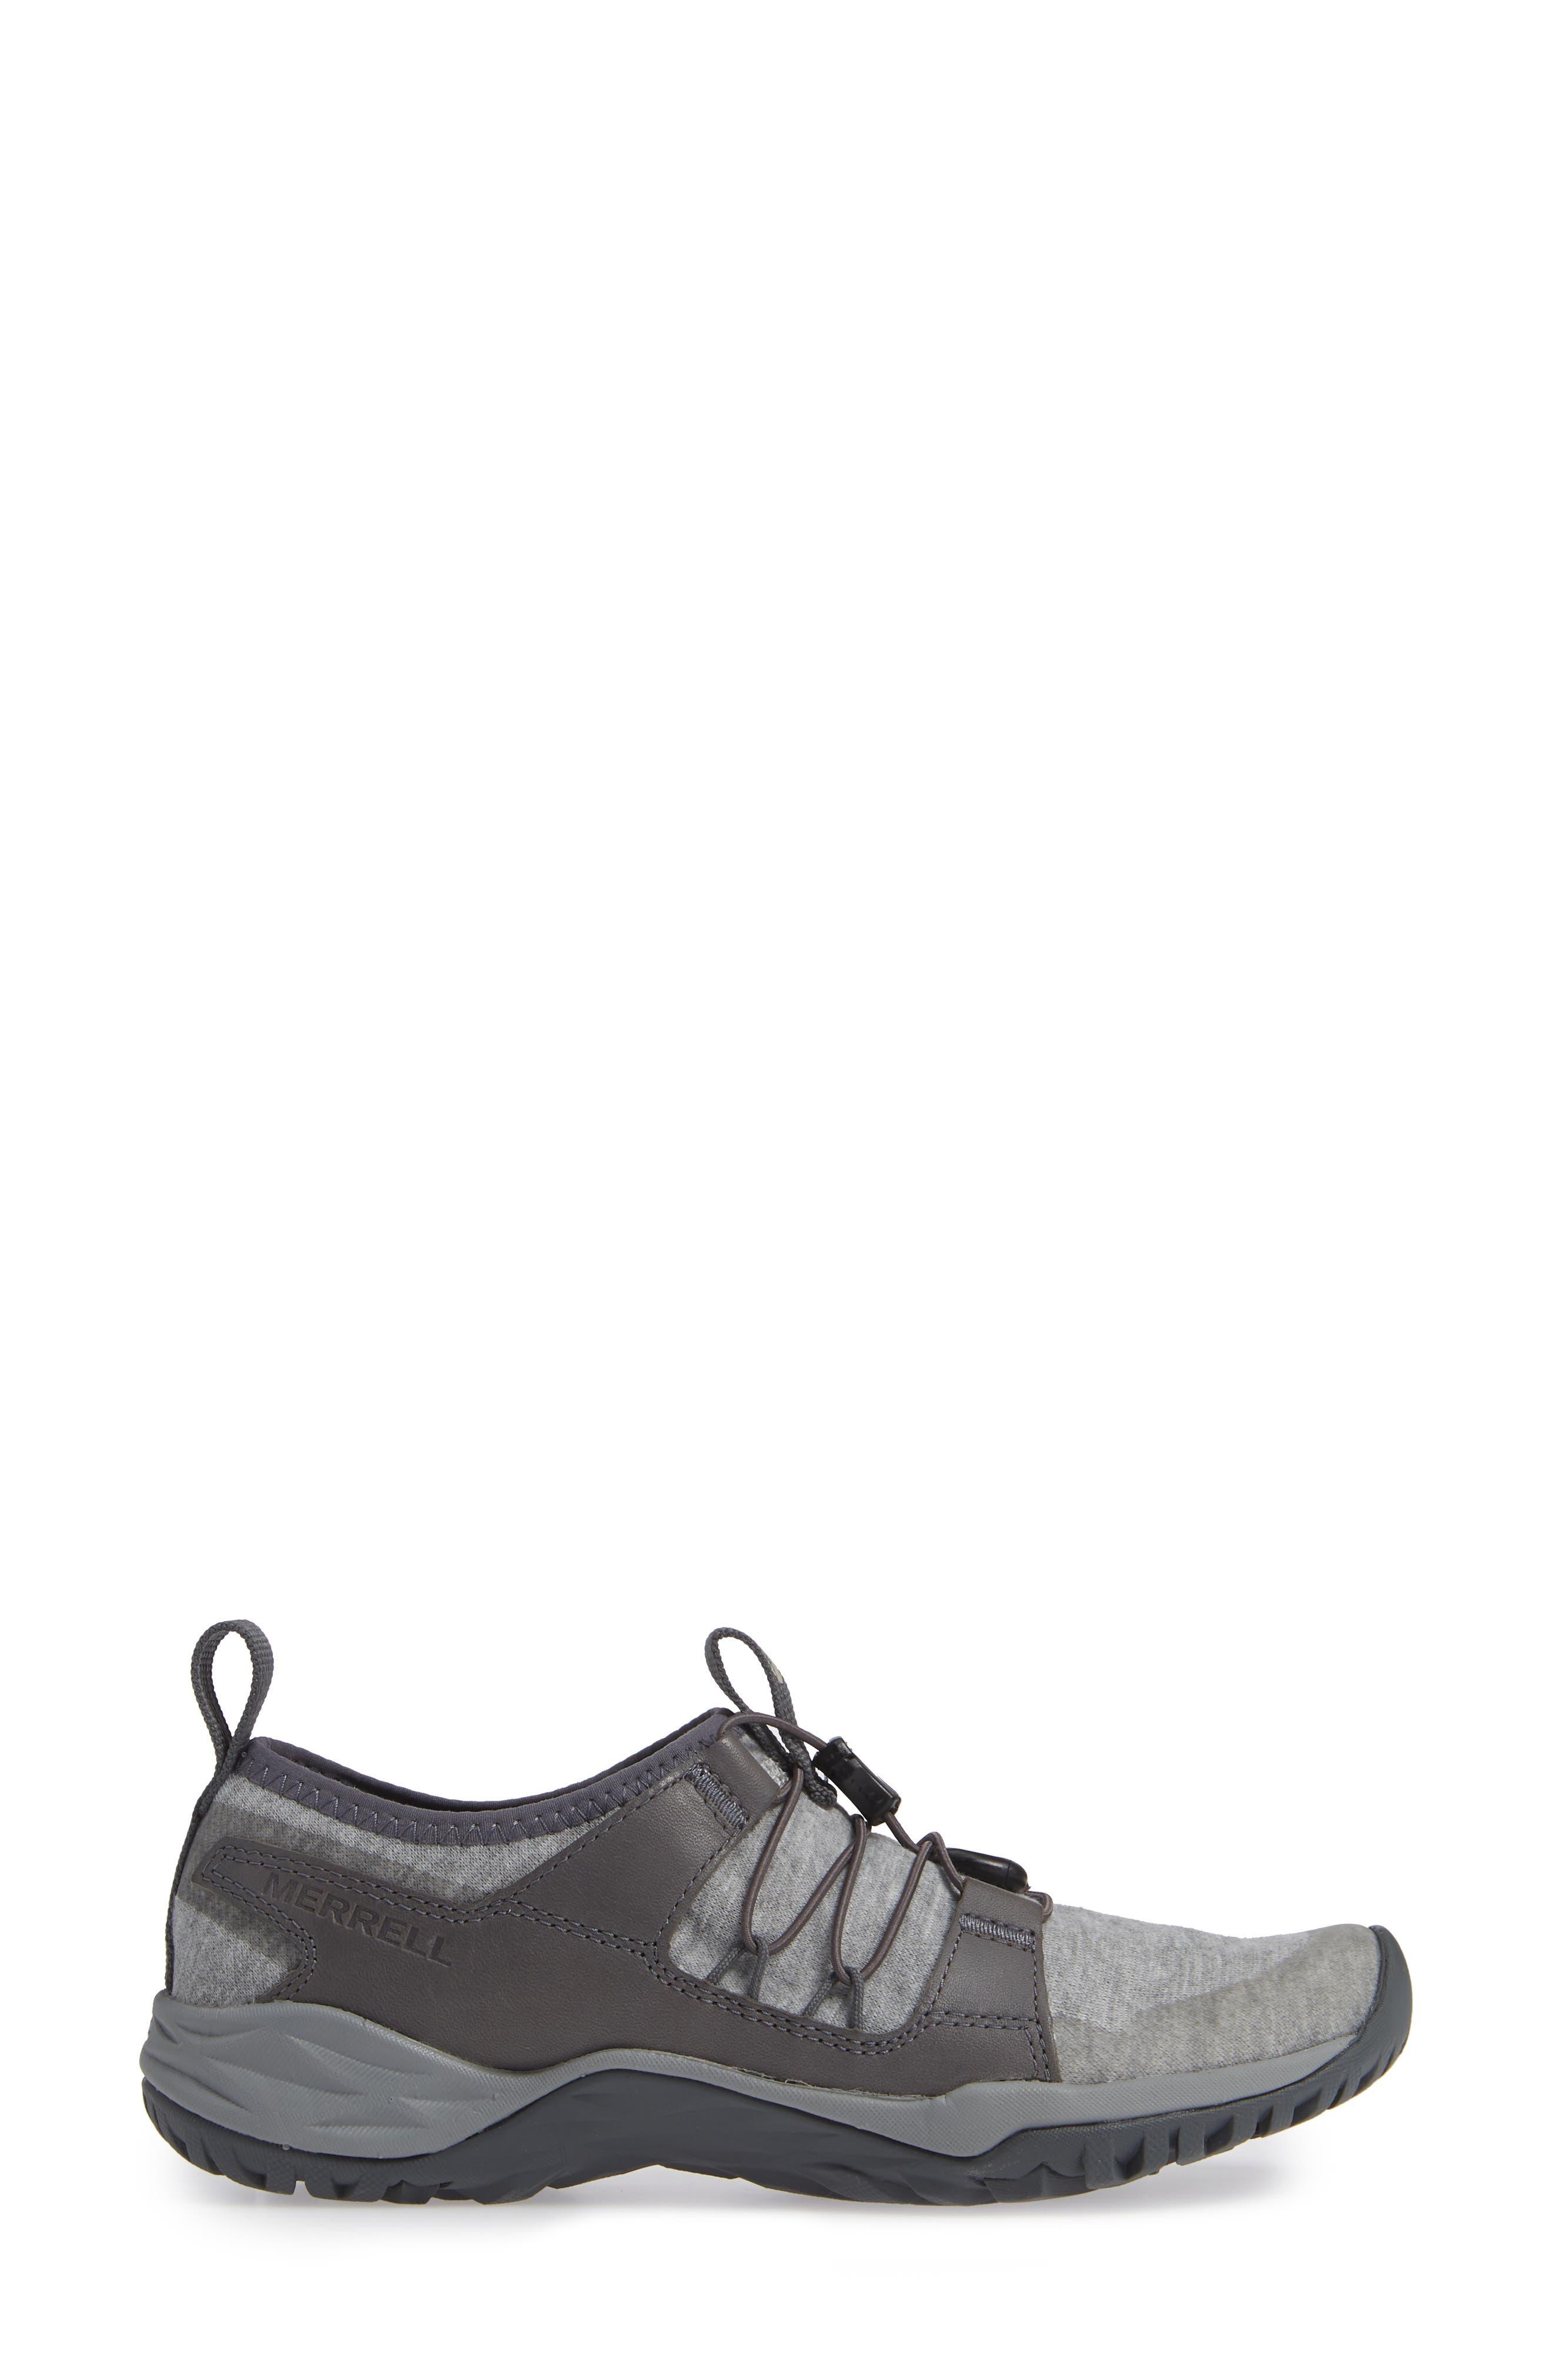 MERRELL, Siren Guided Knit Q2 Sneaker, Alternate thumbnail 3, color, 050